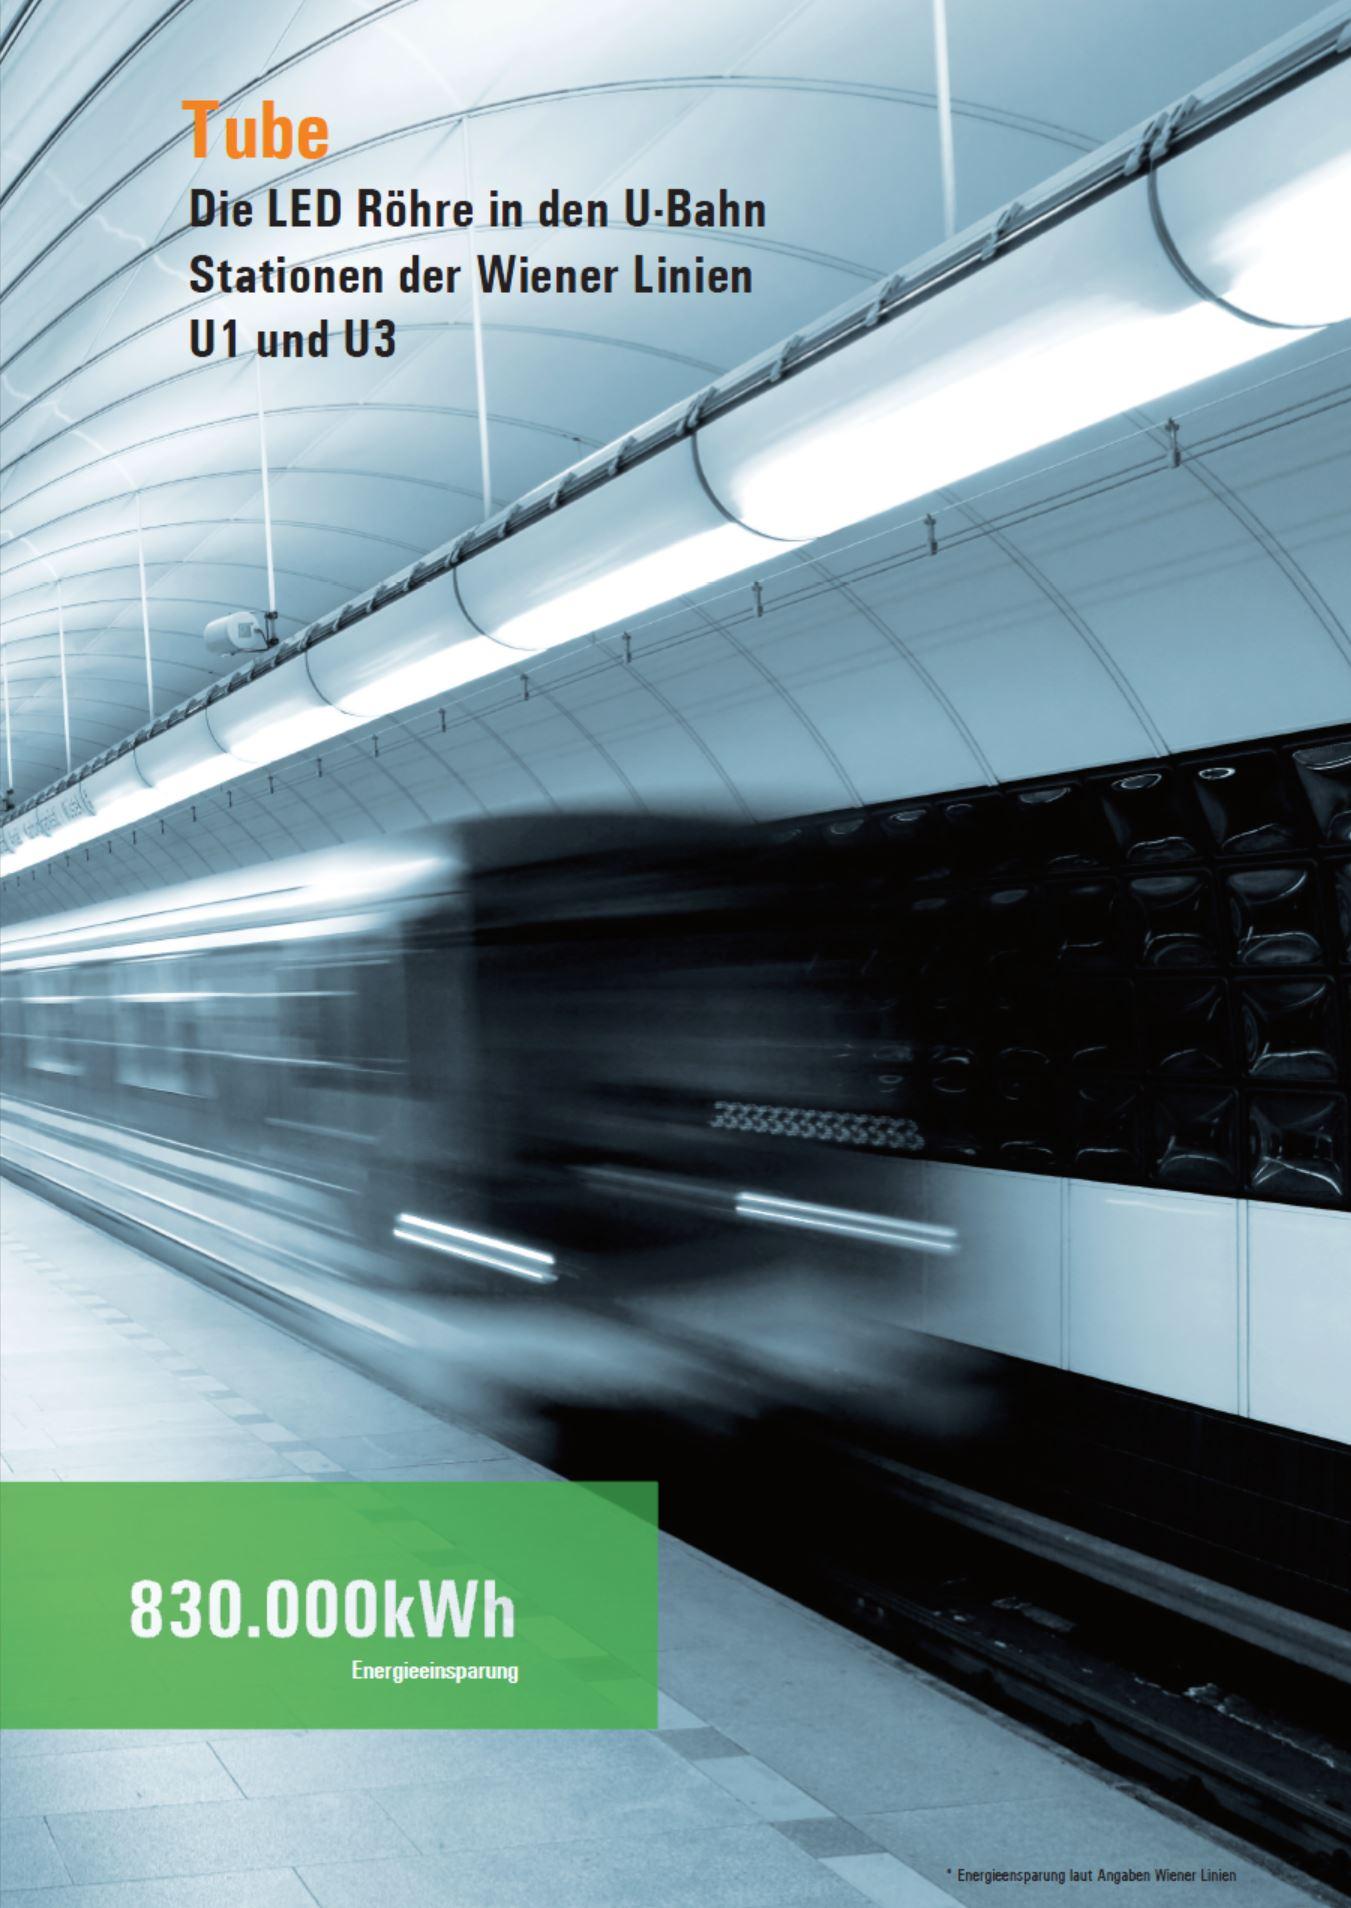 Tausch von Leuchstofflampen auf LED Röhren der U-Bahn Station Wiener Linien